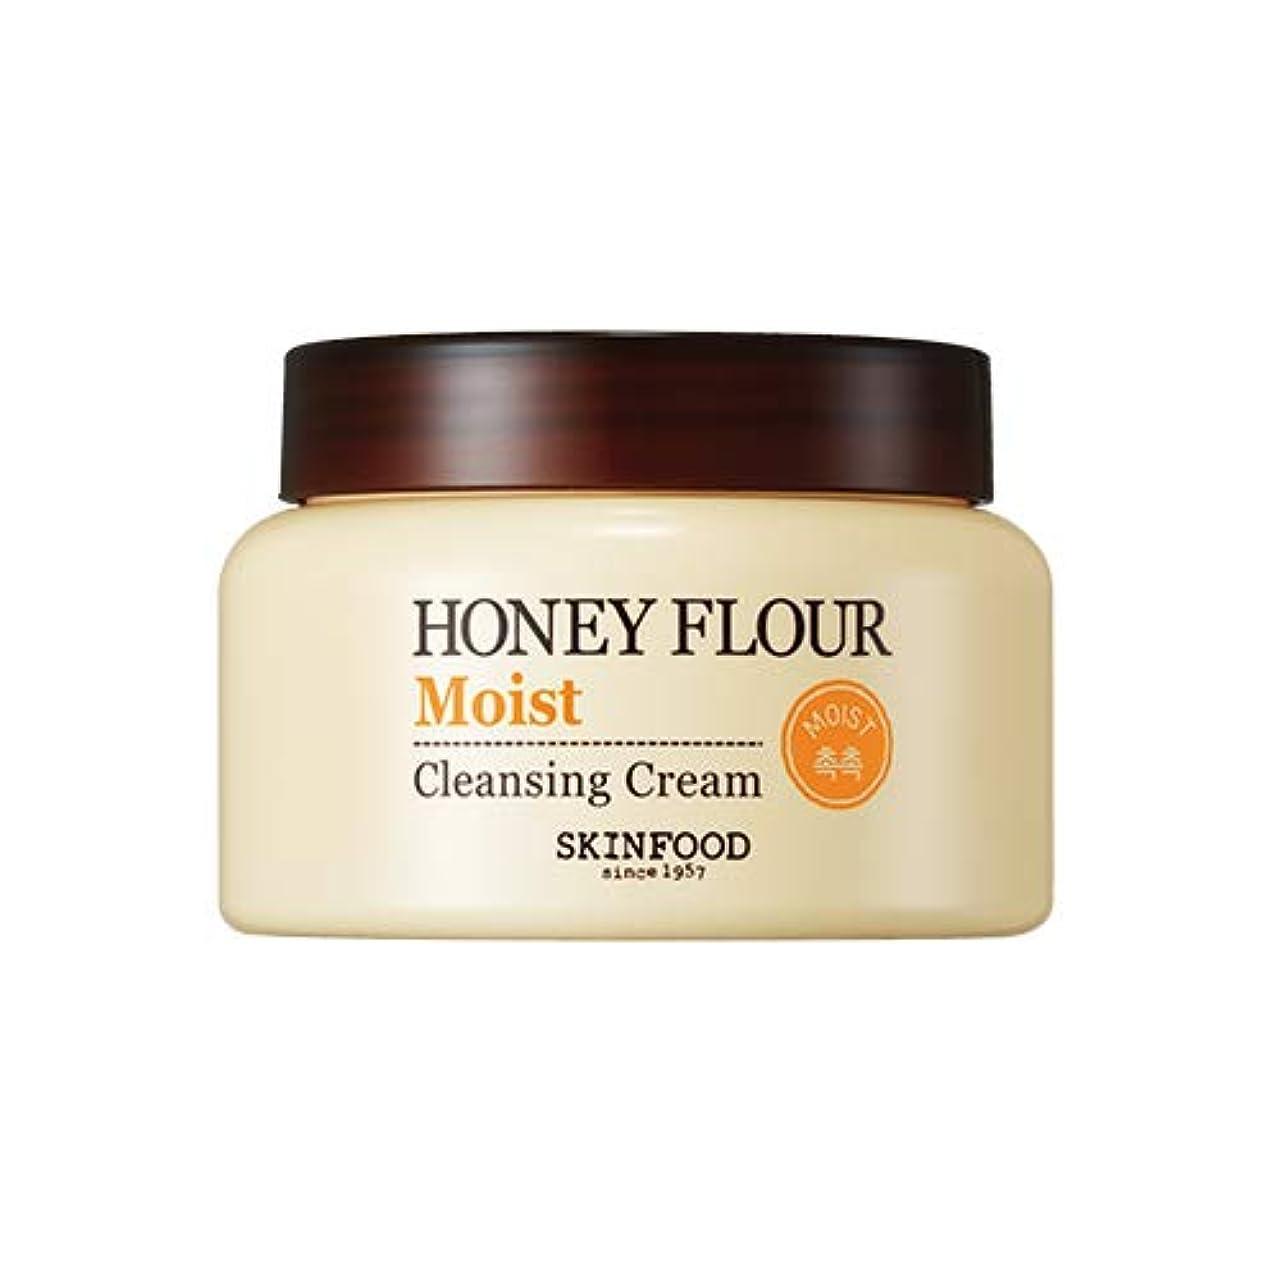 聖歌娯楽選択Skinfood/Honey Flour Moist Cleansing Cream/ハニーフラワーモイストクレンジングクリーム/225ml [並行輸入品]